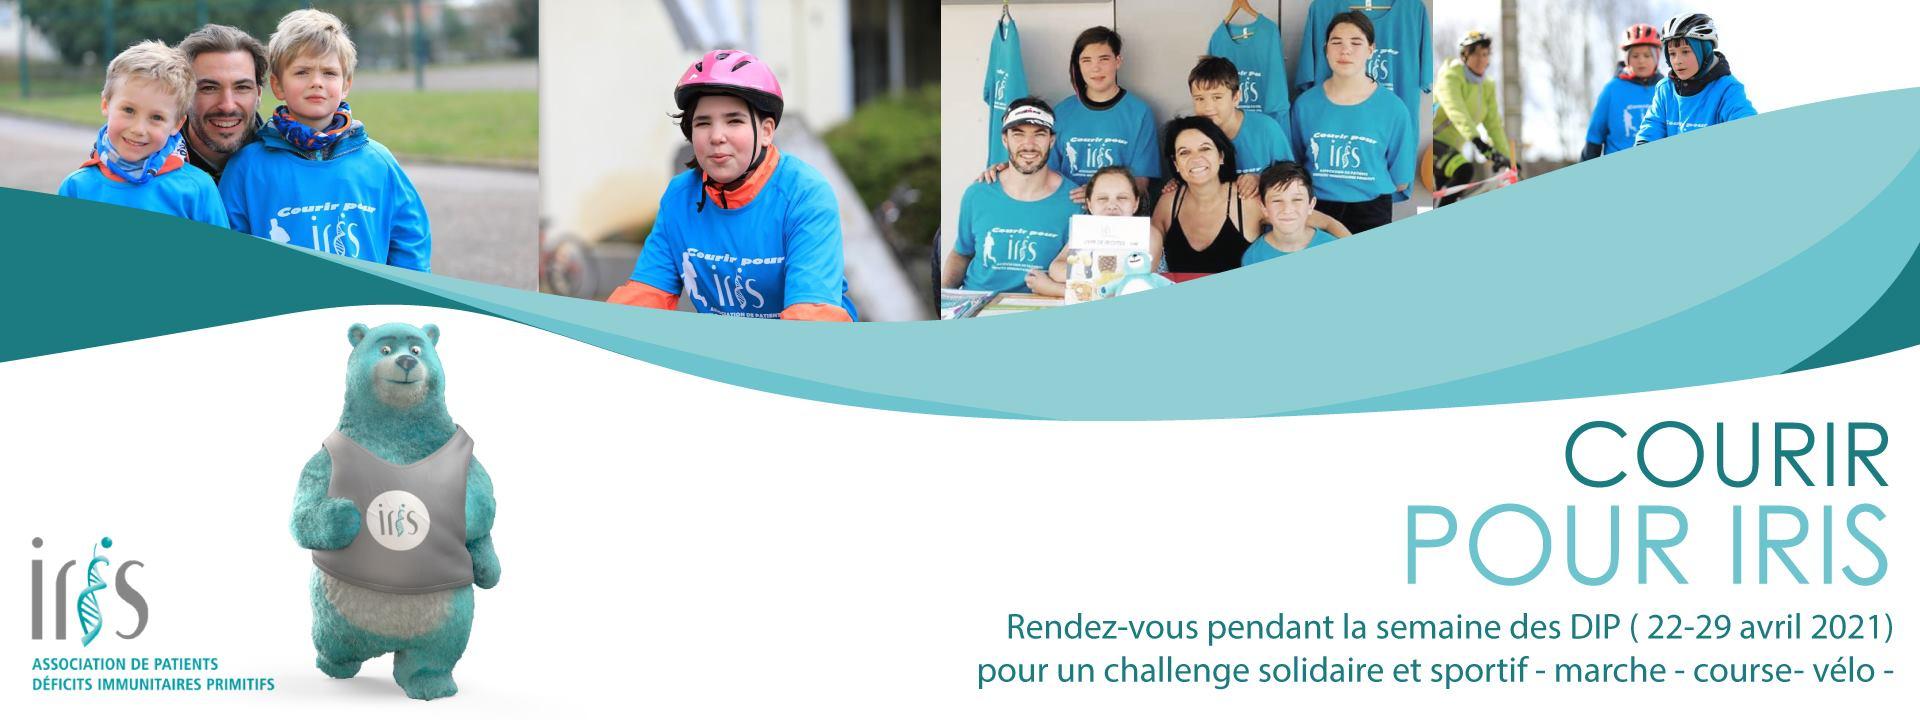 France: Solidarity Run (Virtual)